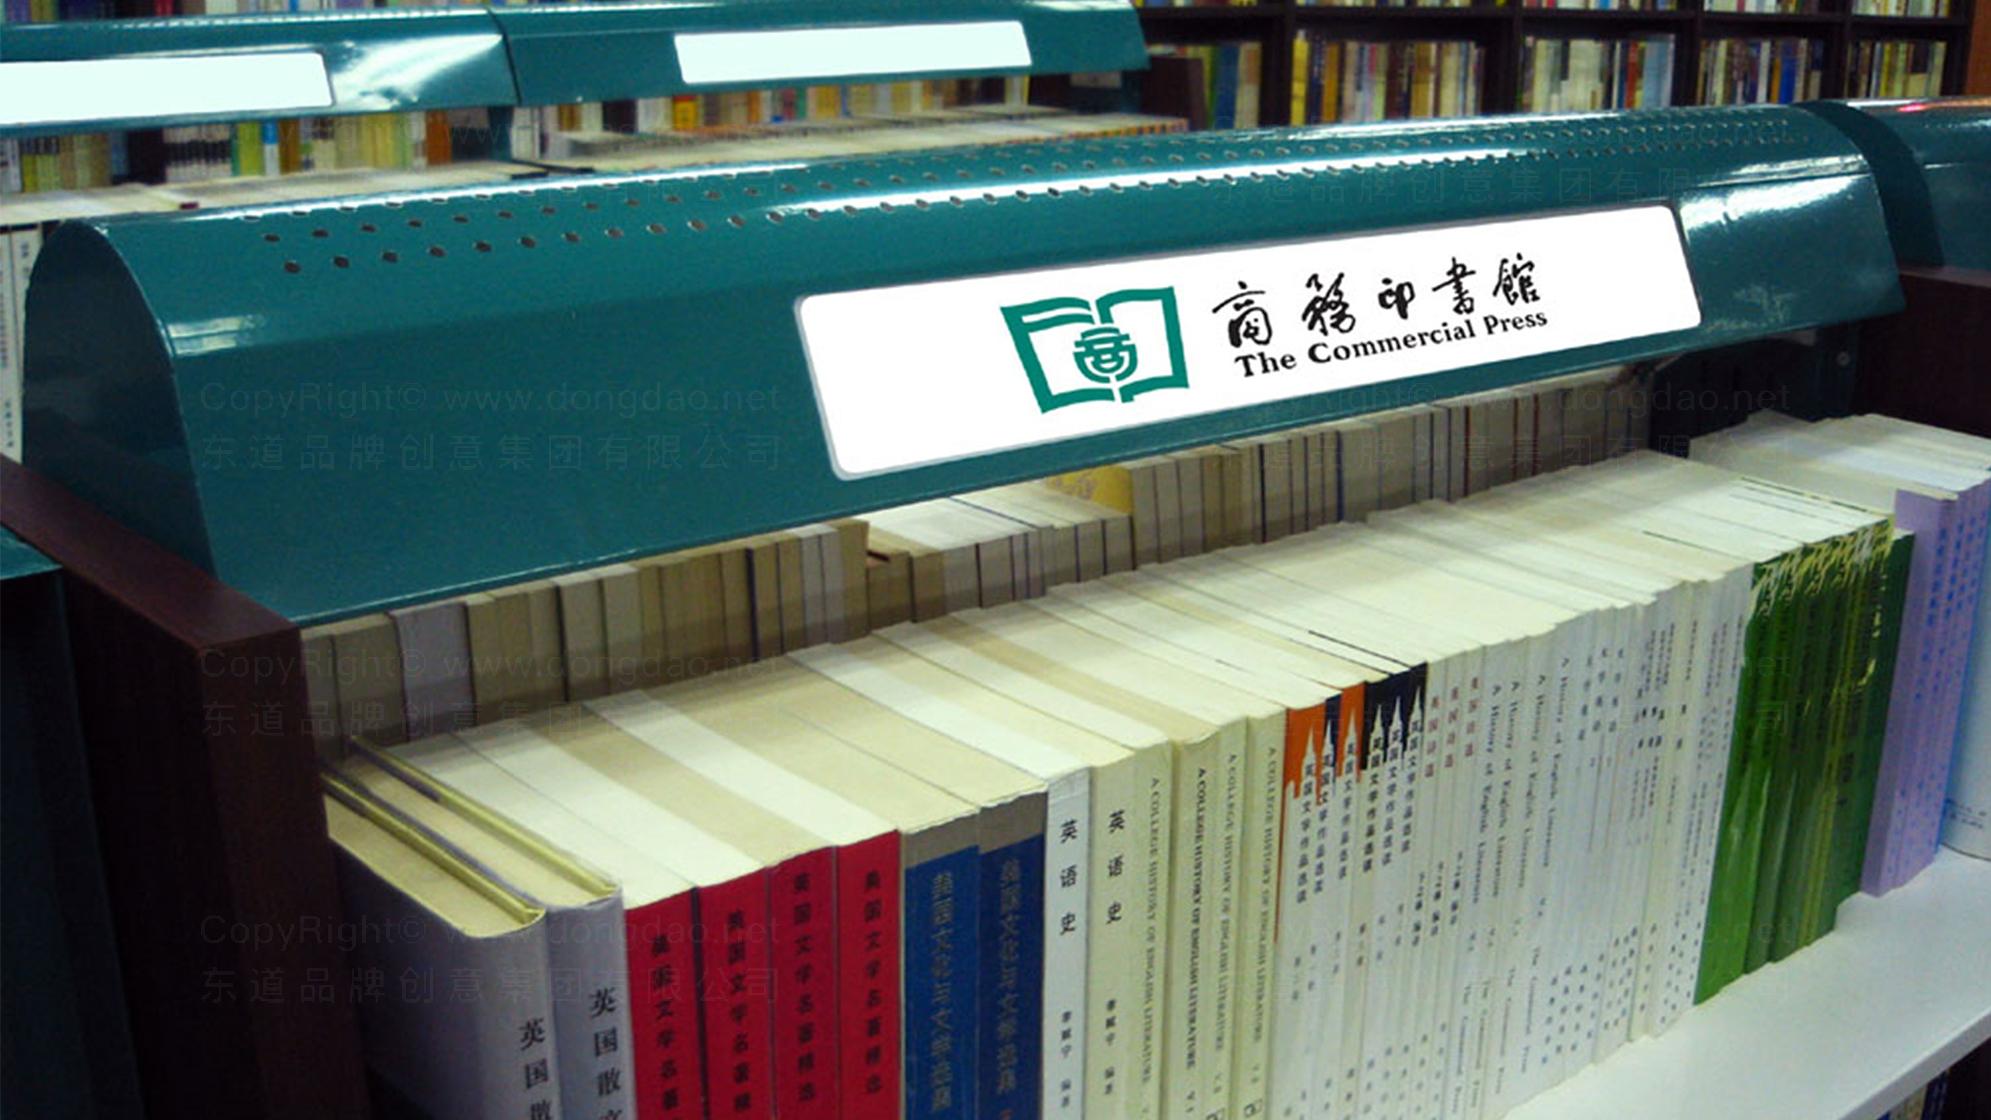 品牌设计商务印书馆LOGO优化&VI设计应用场景_5